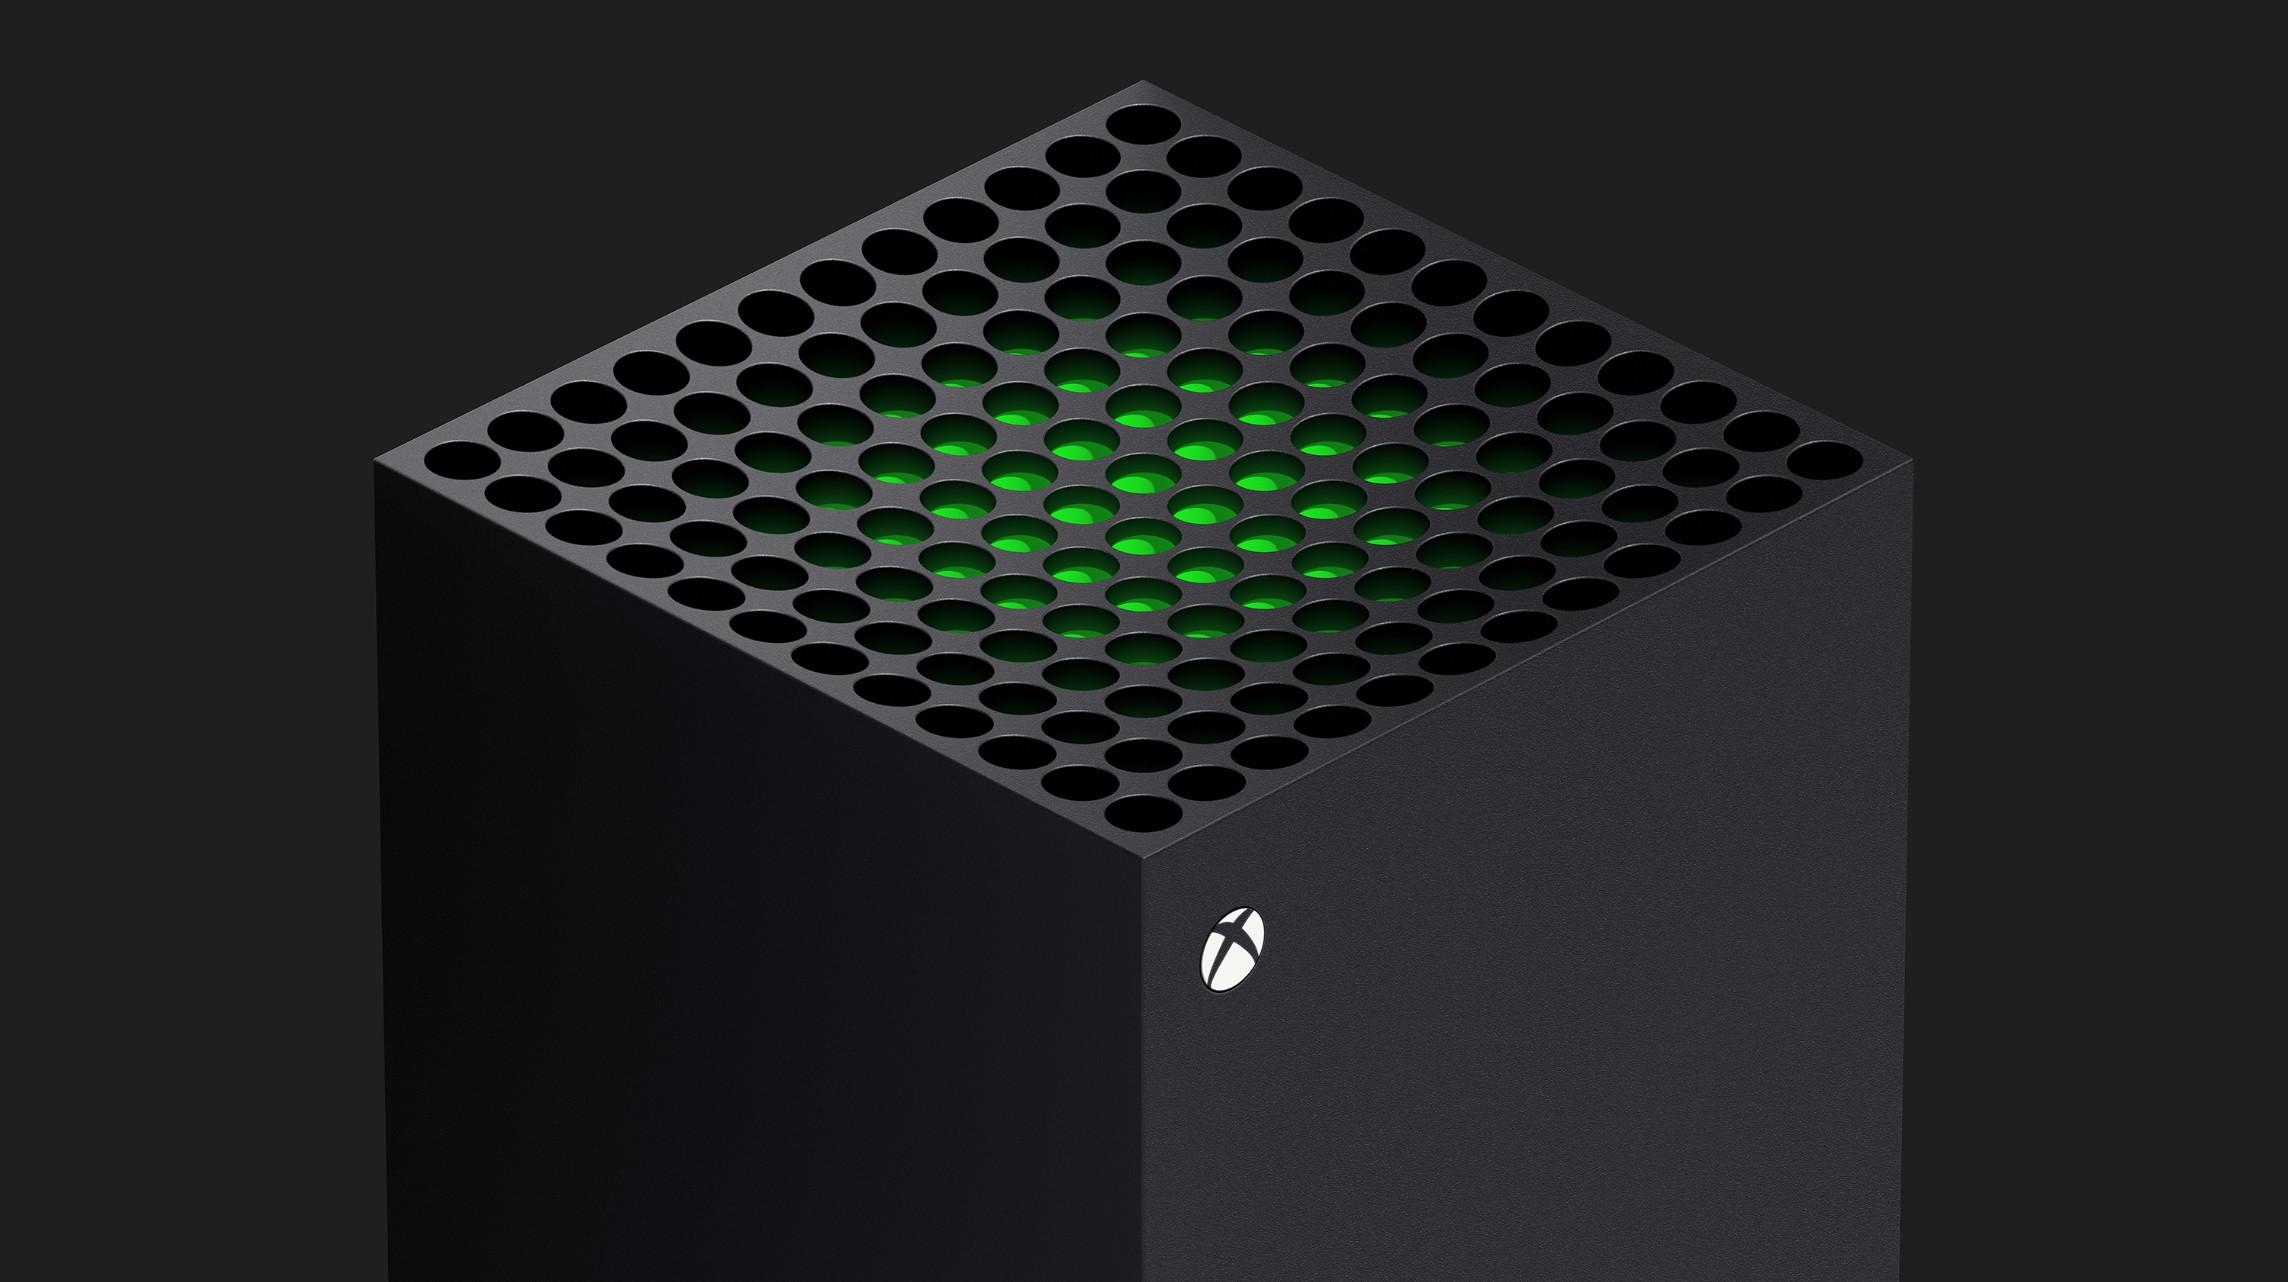 微软已在开发新的Xbox主机 但几年之后才会公开